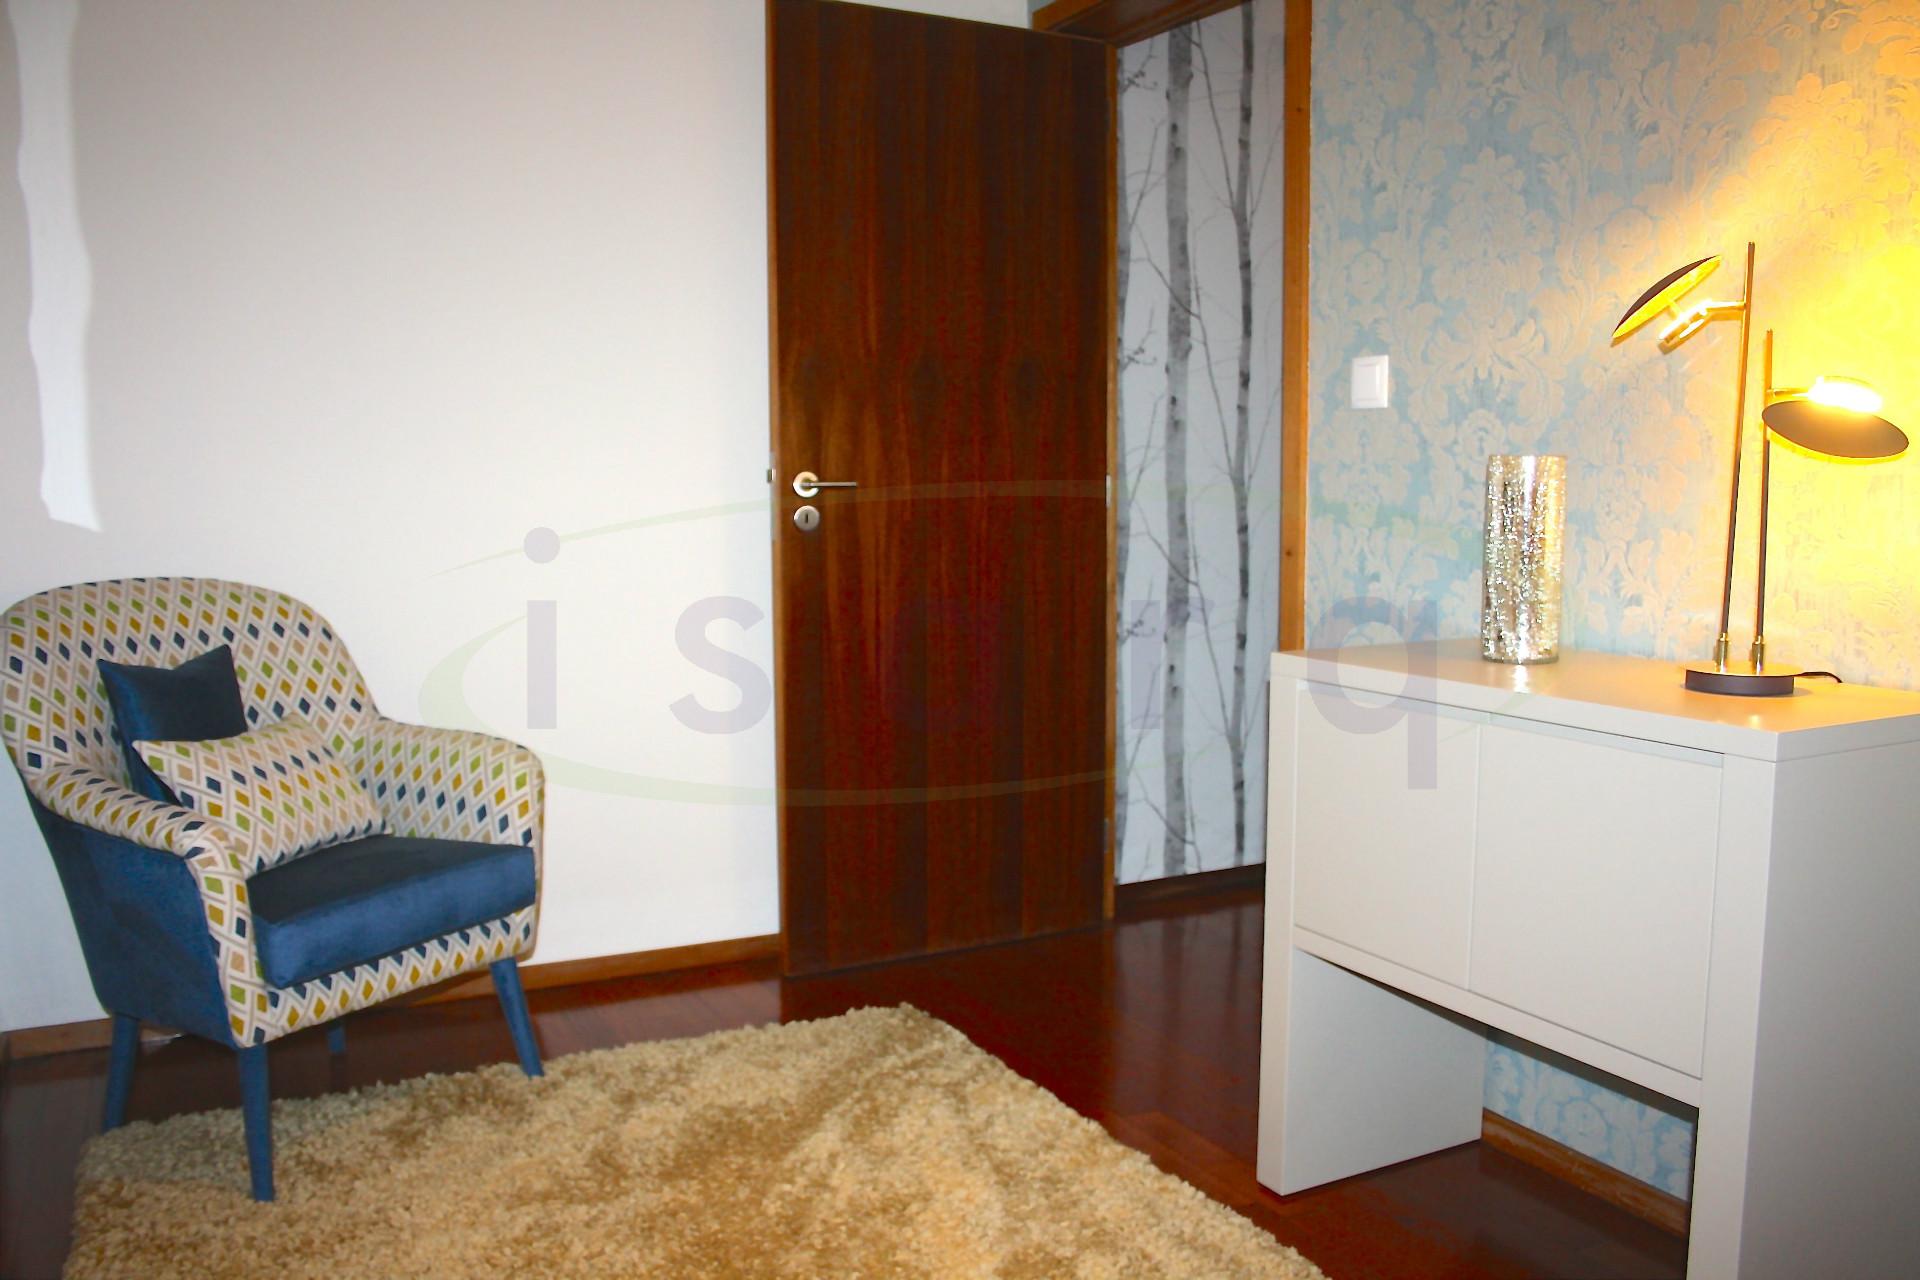 Apartamento T2 junto ao metro, totalmente equipado, mobilado e decorado